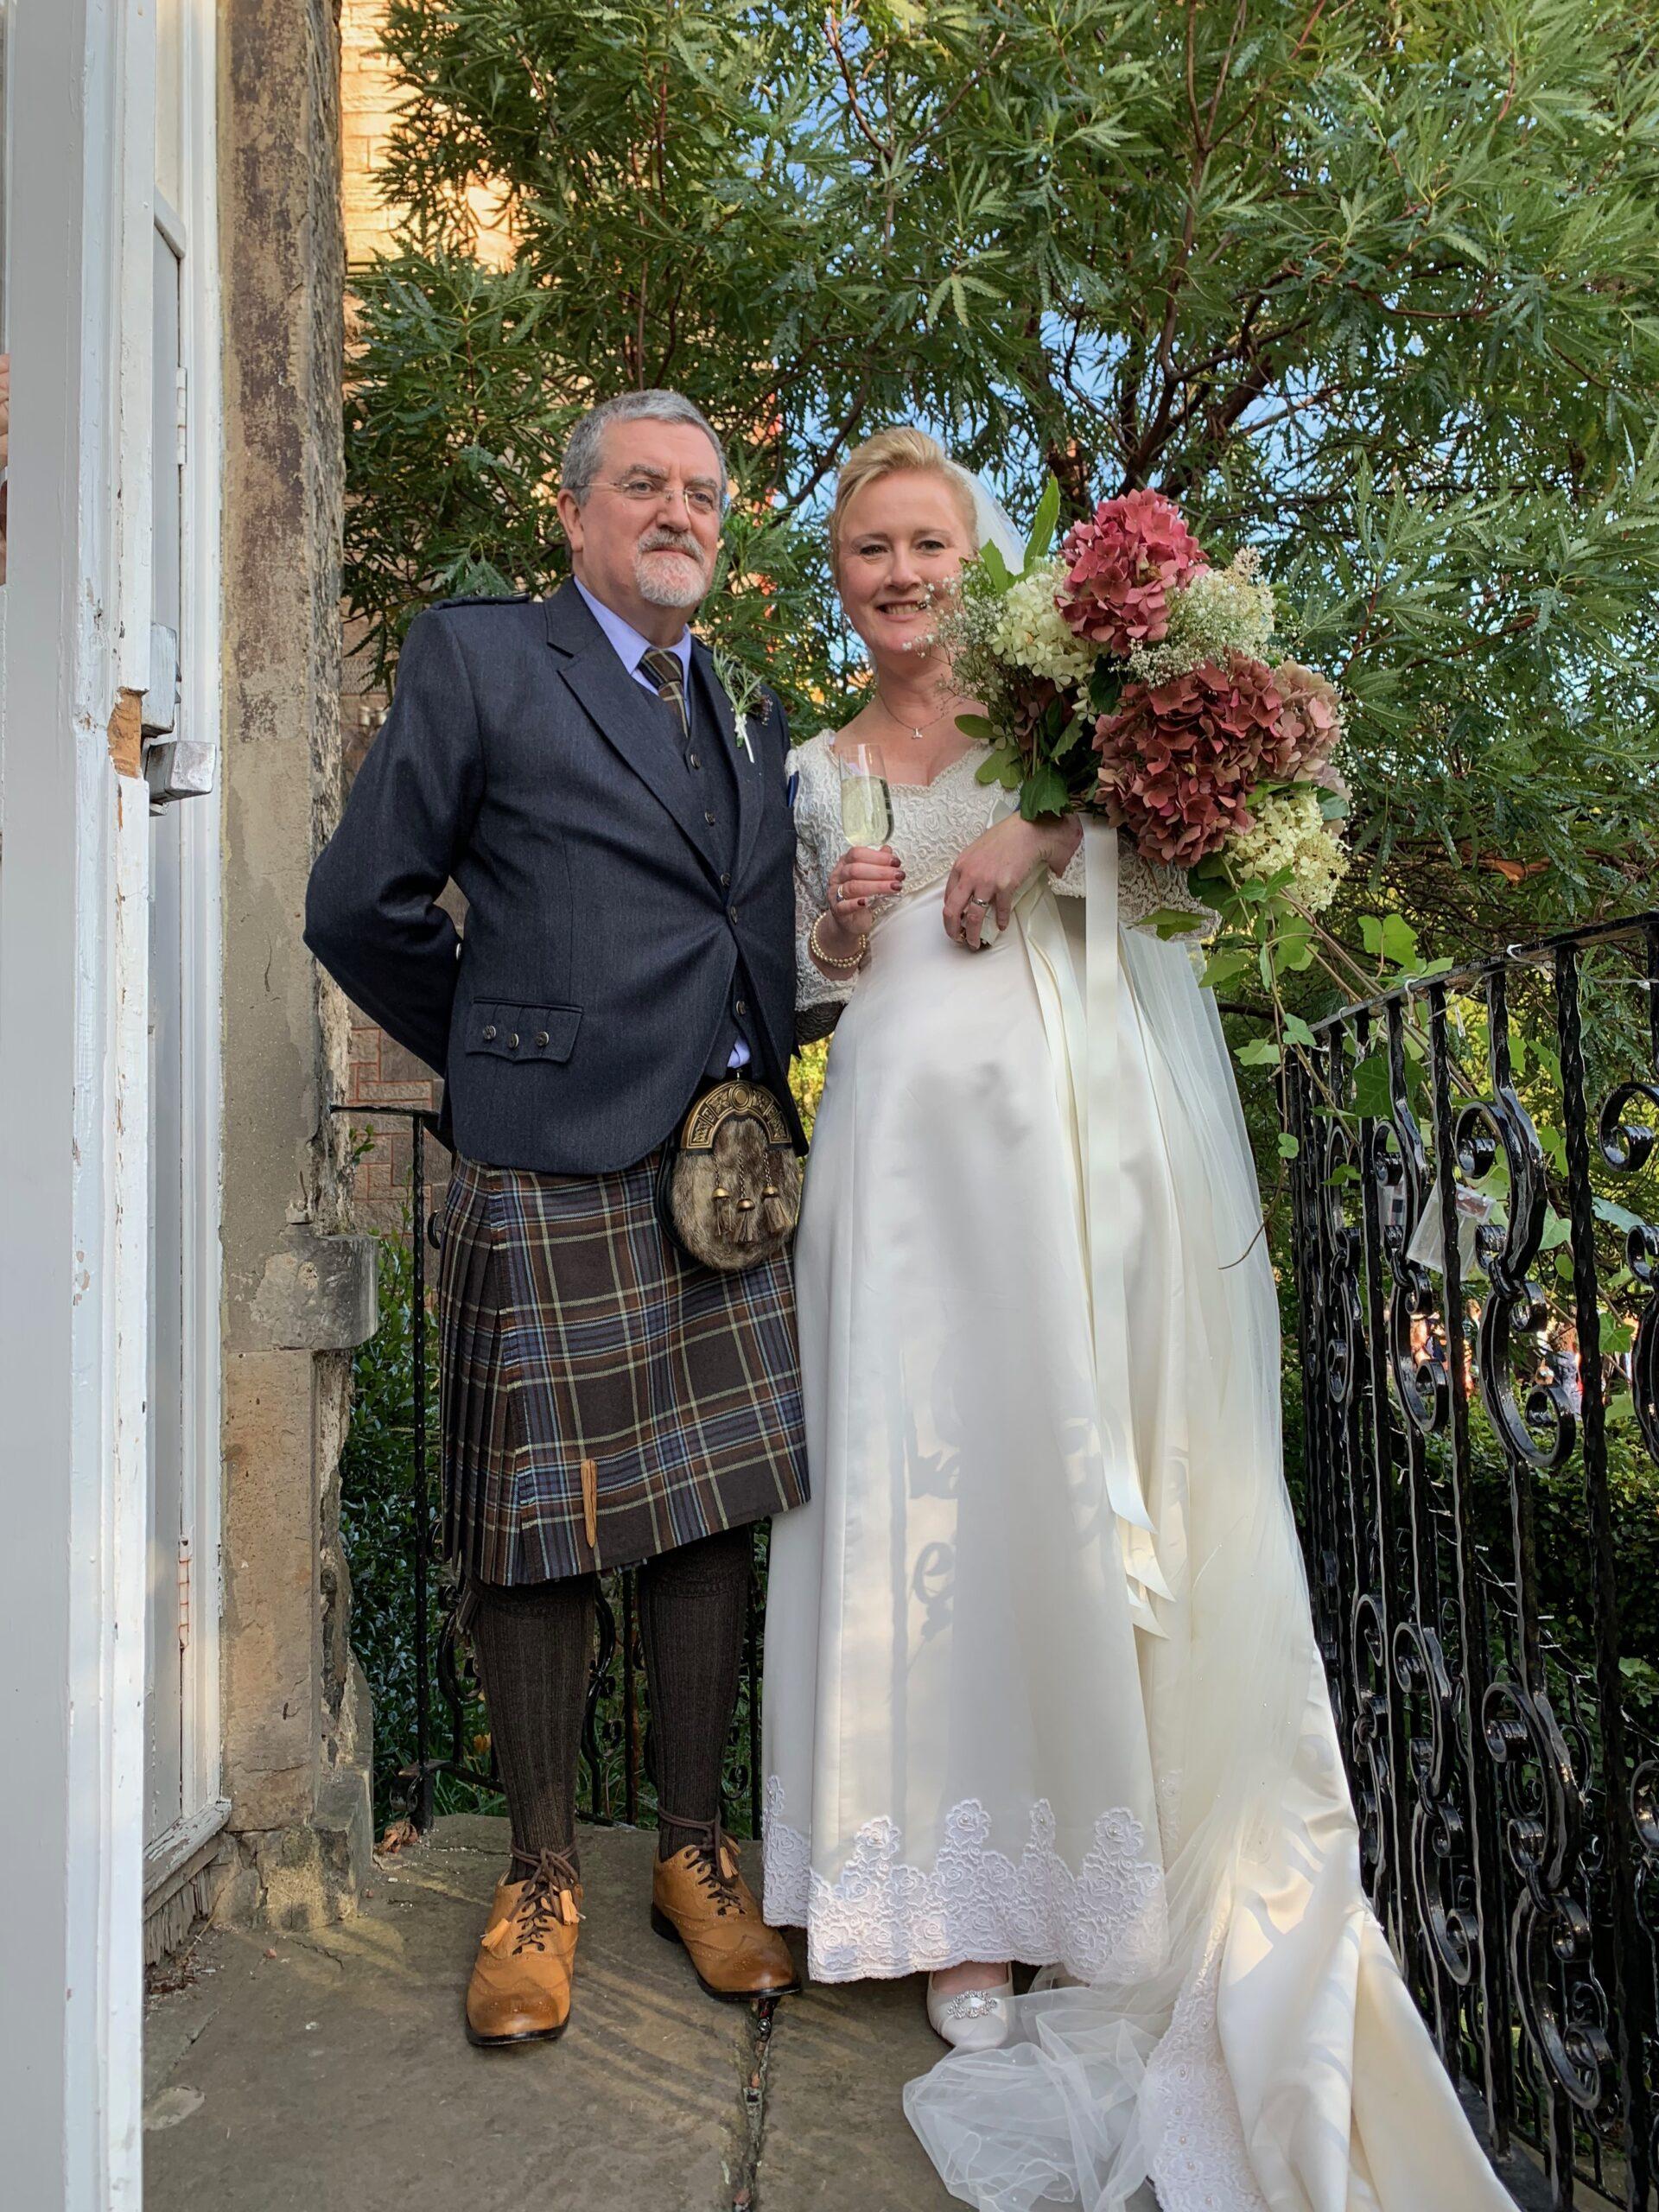 Molly Jahn attends wedding